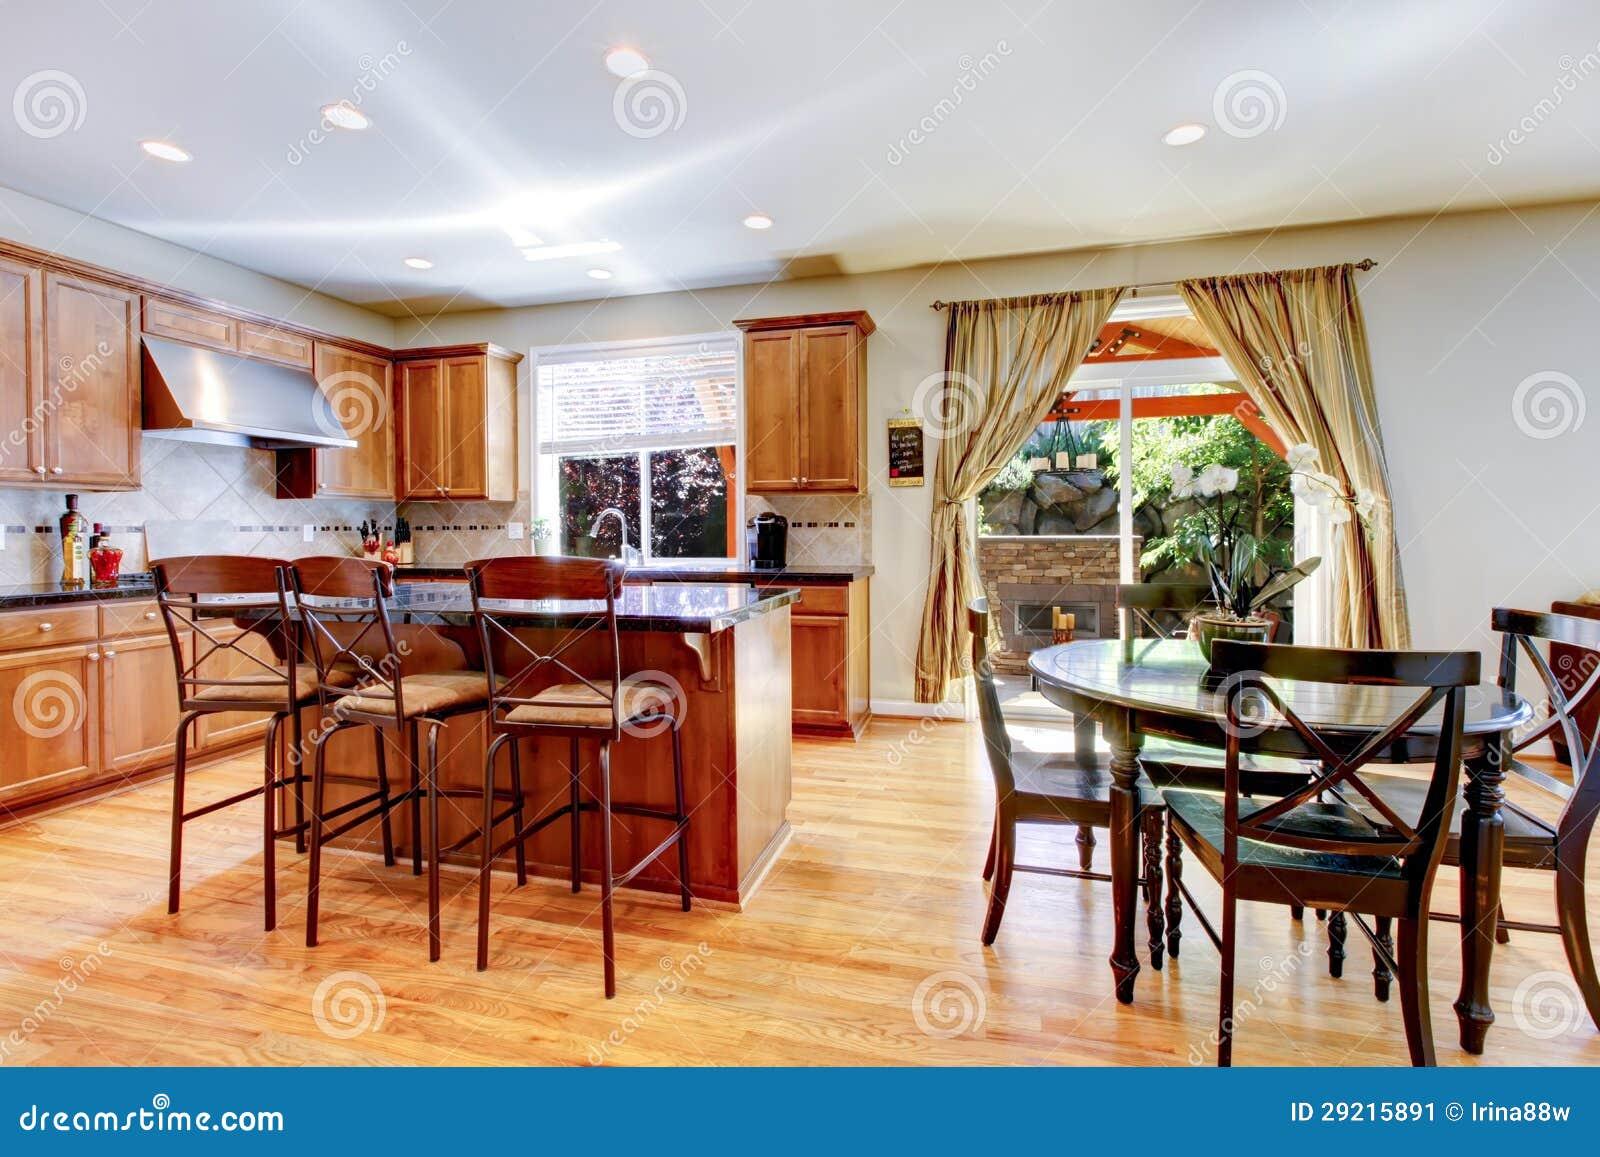 Grande cucina classica di legno con l 39 isola del granito immagine stock immagine 29215891 - Cucina classica con isola ...